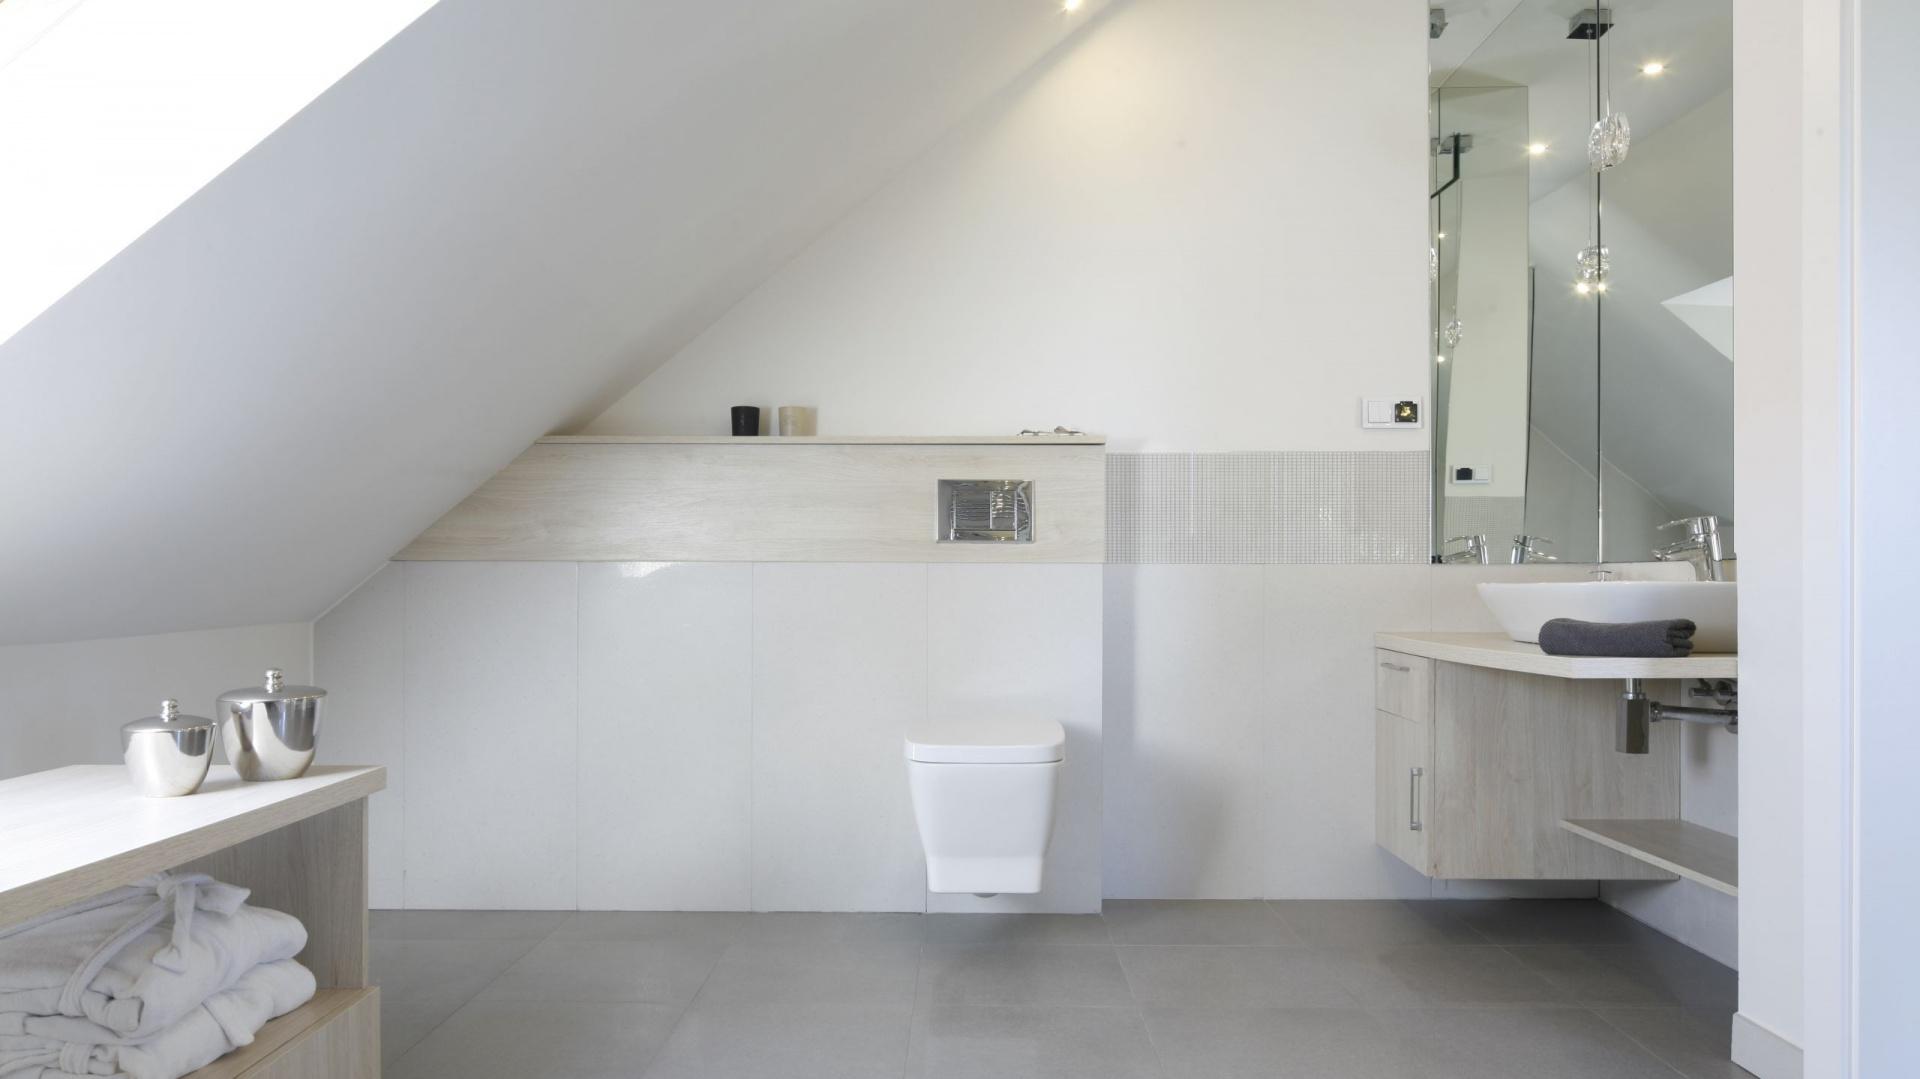 Łazienka na poddaszu: 15 ciekawych projektów